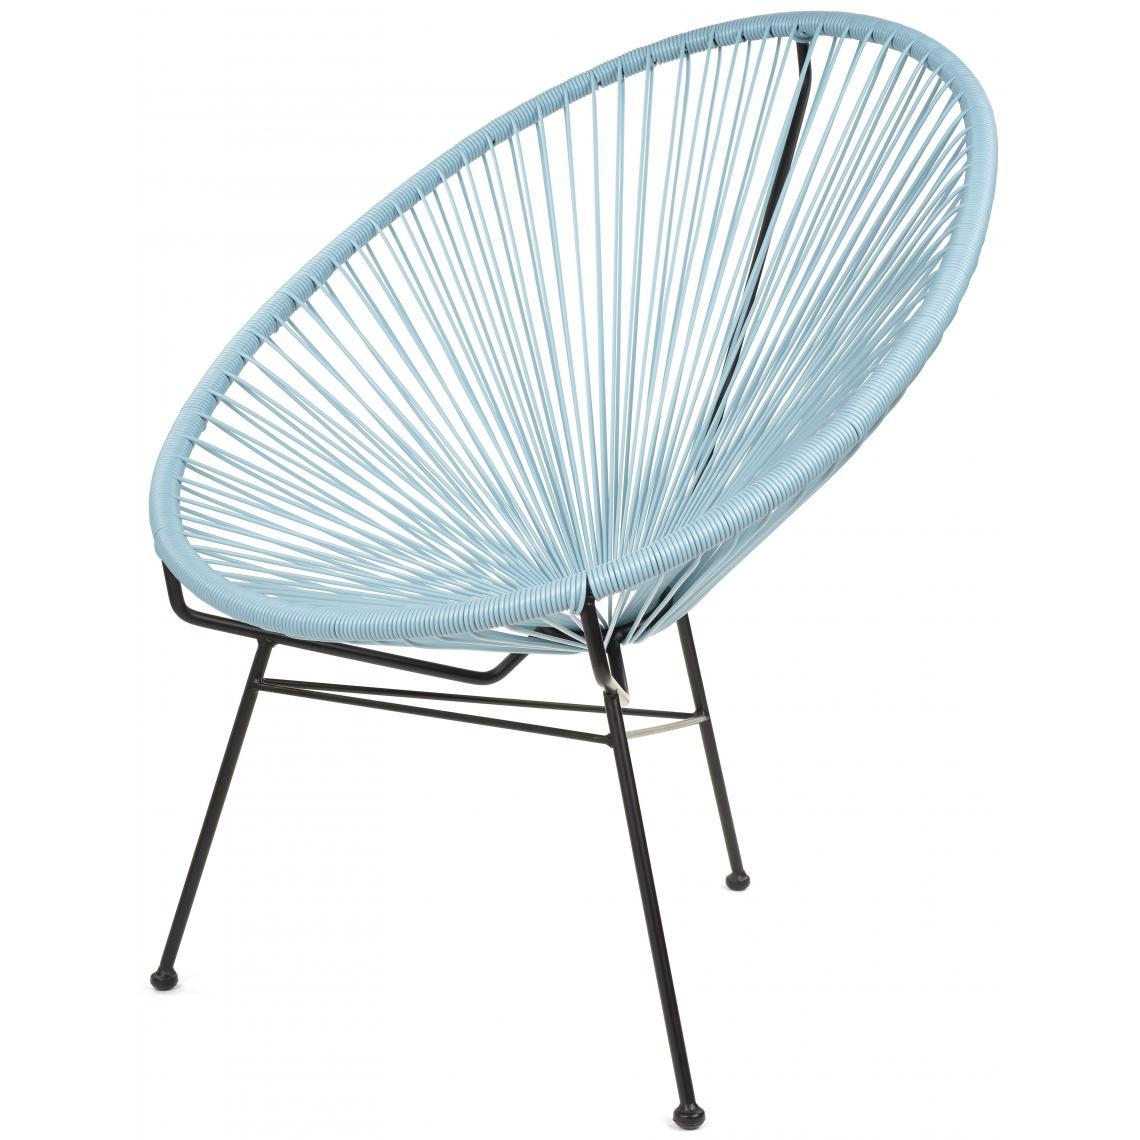 fauteuil la chaise longue bleu ardoise acapulco 3 suisses. Black Bedroom Furniture Sets. Home Design Ideas